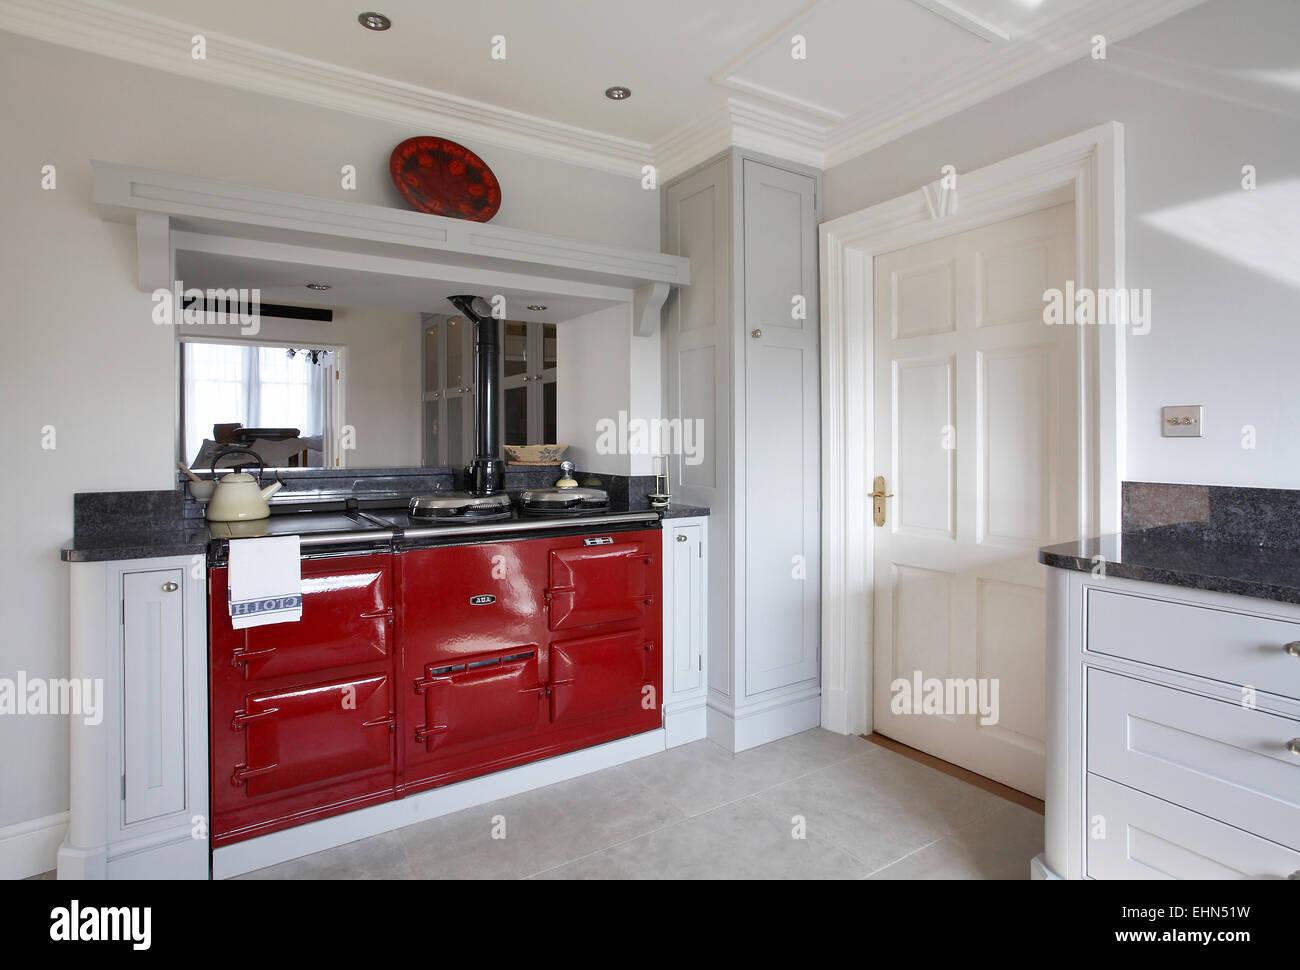 Aga Herd einem roten aga herd in einer modernen küche in einem haus im